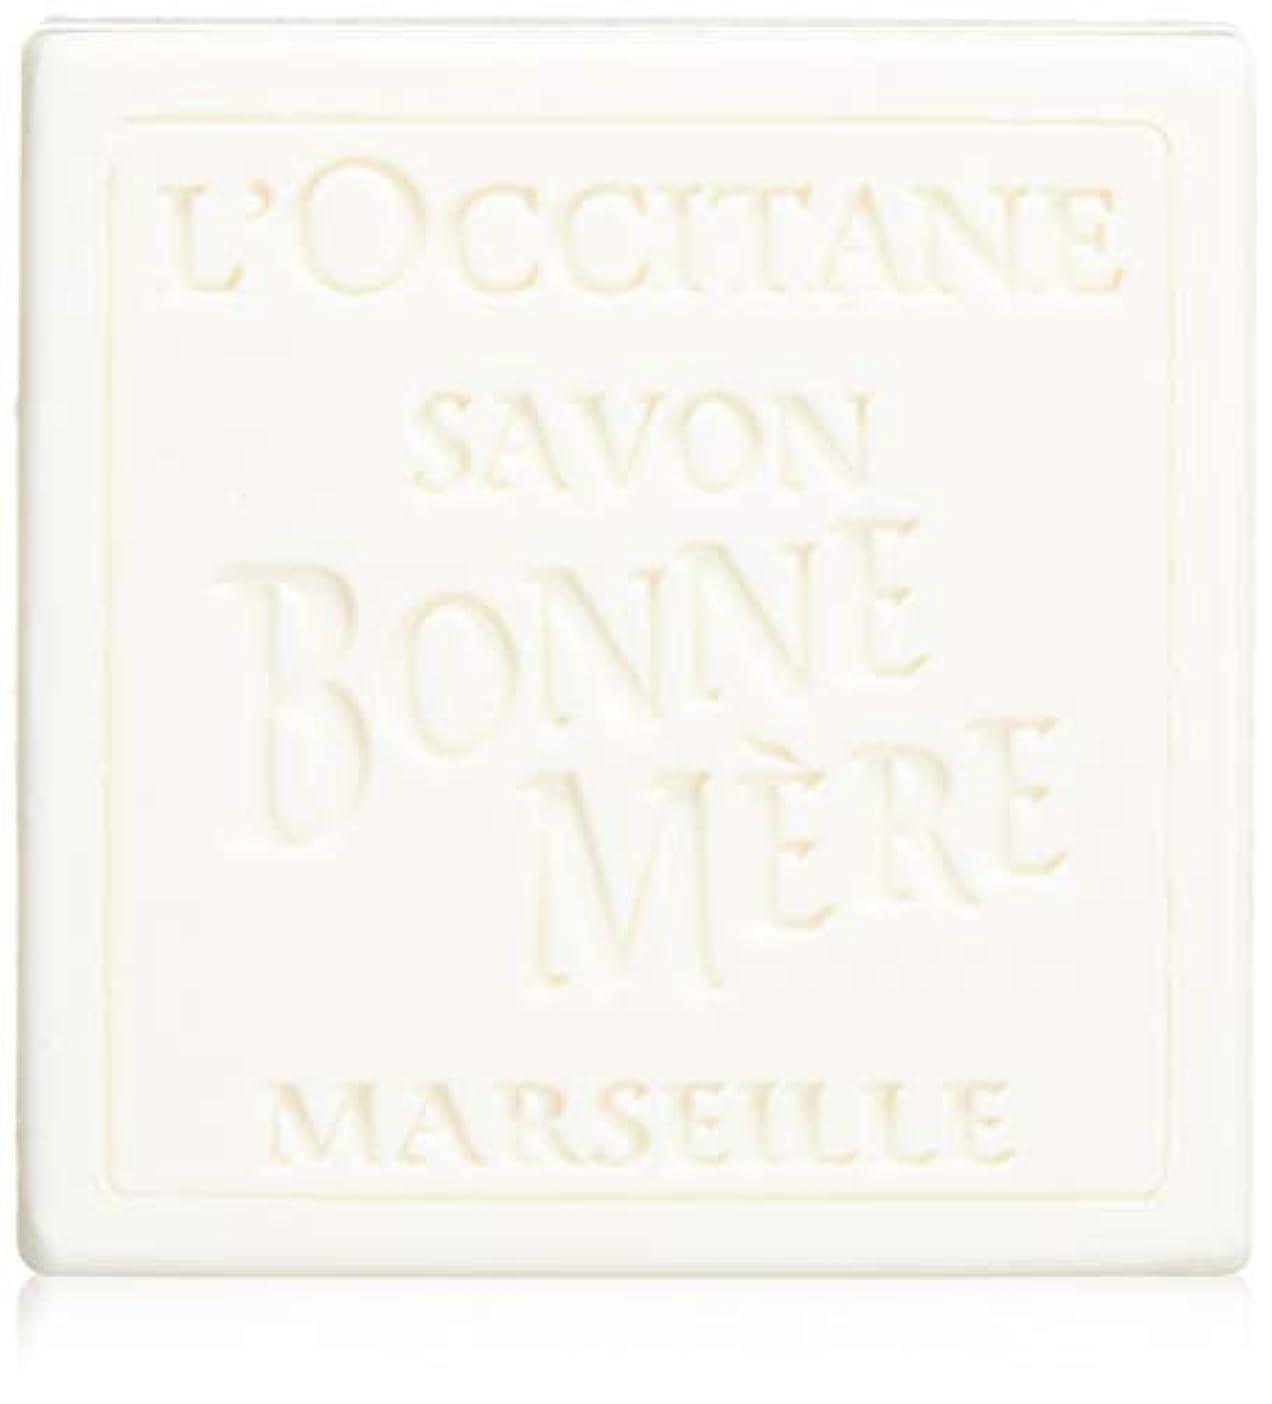 マインド流用するブーストロクシタン(L'OCCITANE) ボンメールソープ ミルク 100g